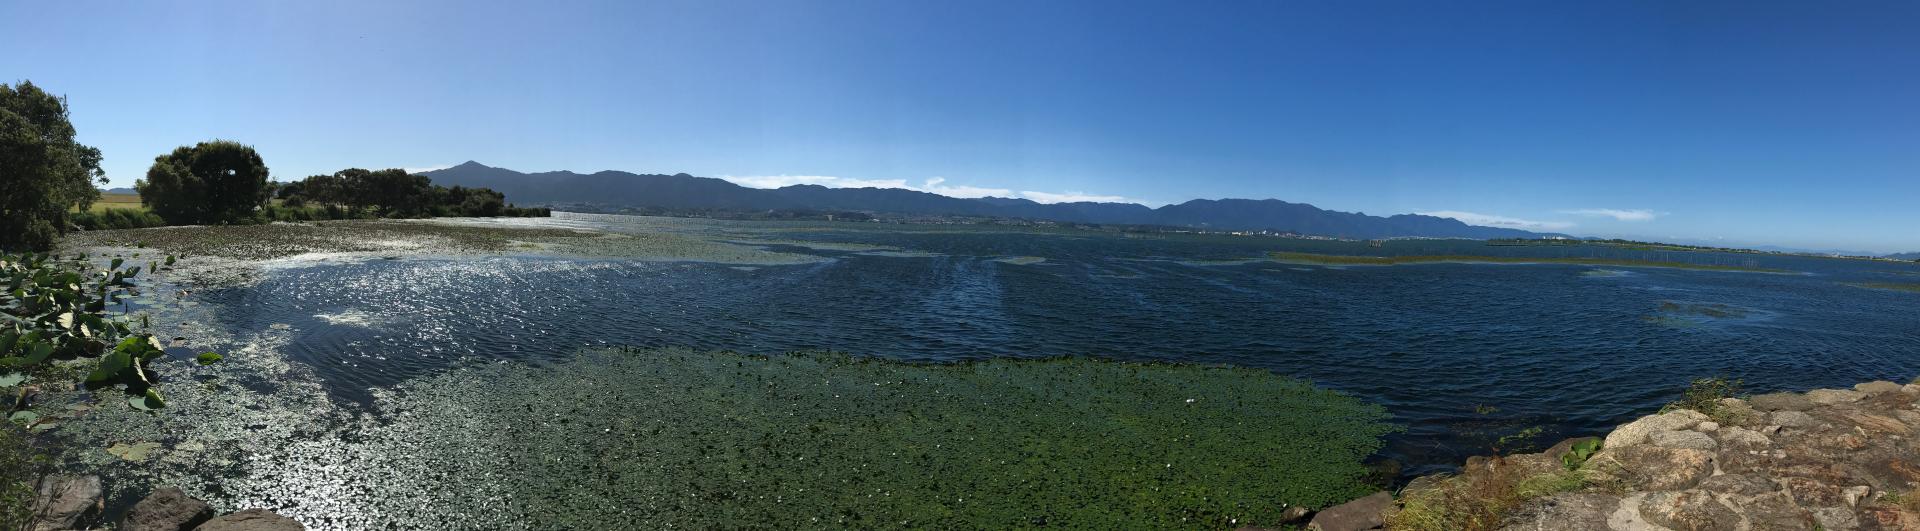 琵琶湖の水草問題